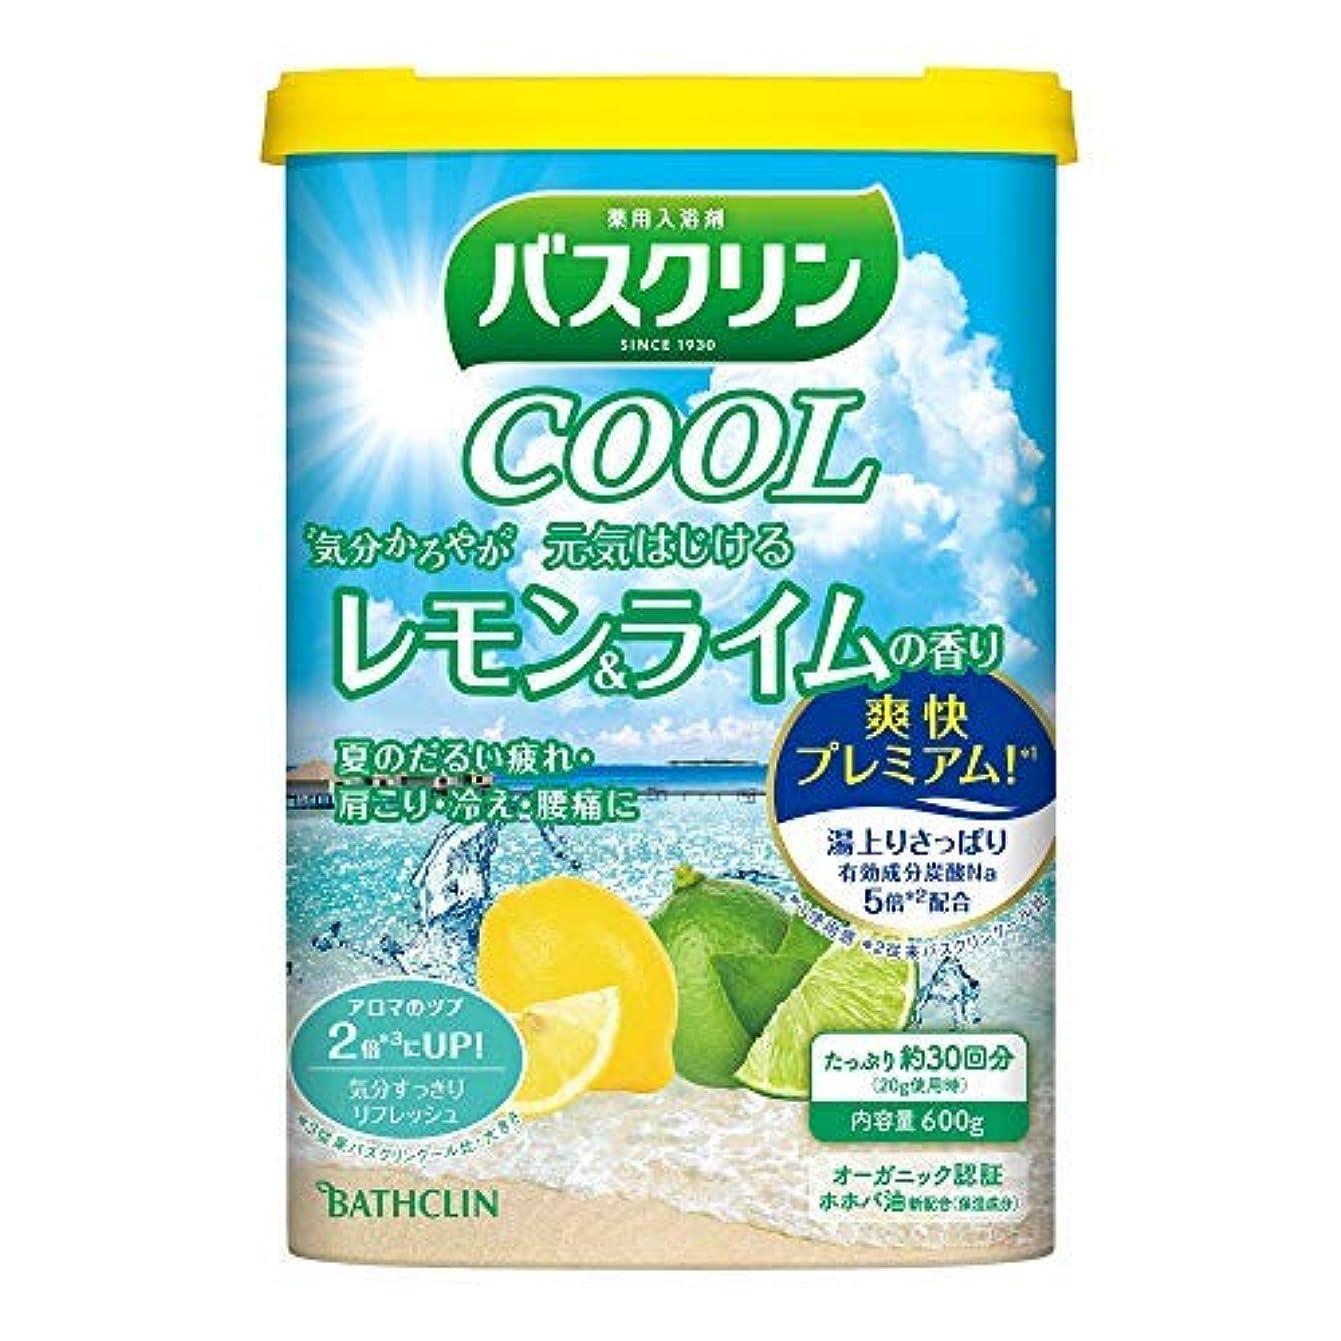 つぶやきみサーカスバスクリンクール 元気はじけるレモン&ライムの香り 600g × 10個セット